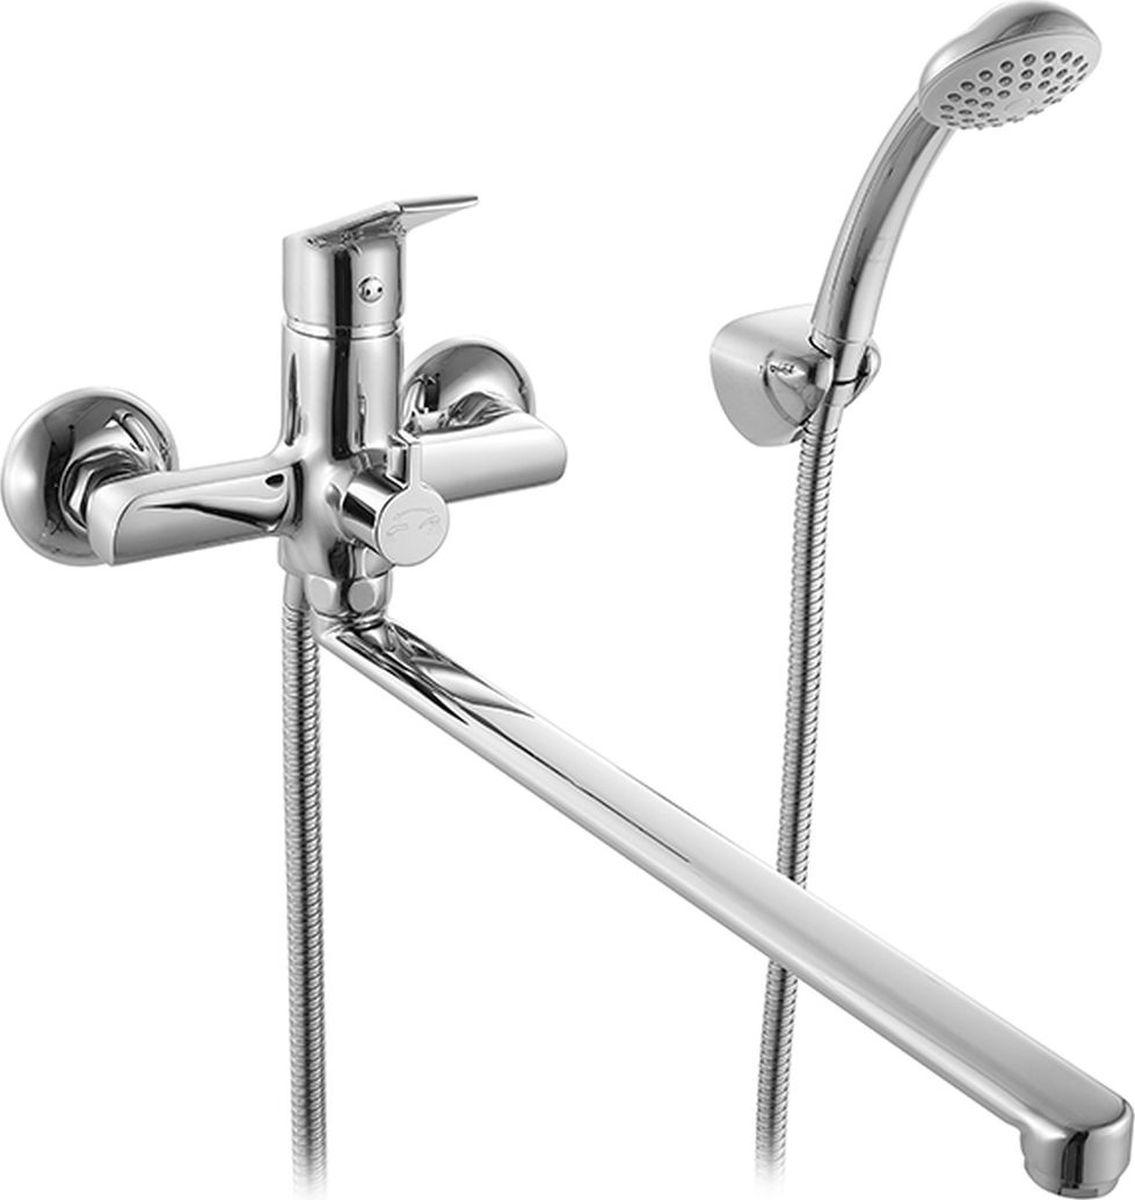 Смеситель для ванны Milardo Nelson, с длинным изливом, цвет: хромNELSBLCM10Смеситель для ванны Milardo изготовлен из высококачественной первичной латуни, прочной, безопасной и стойкой к коррозии. Инновационные технологии литья и обработки латуни, а также увеличенная толщина стенок смесителя обеспечивают его стойкость к перепадам давления и температур. Увеличенное никель-хромовое покрытие полностью соответствует европейским стандартам качества, обеспечивает его стойкость и зеркальный блеск в течение всего срока службы изделия.Благодаря гладкой внутренней поверхности смесителя, рассекателям в водозапорных механизмах и аэратору он имеет минимальный уровень шума. Смеситель оборудован керамическим дивертором, чей сверхнадежный механизм обеспечивает плавное и мягкое переключение с излива на душ, а также непревзойденную надежность при любом давлении воды. В комплект входят лейка и шланг из нержавеющей стали длиной 1,5 м с защитой от перекручивания.Аэратор: съемный пластиковый.Картридж: керамический. Диаметр картриджа: 35 мм.Дивертор: фиксируемый.Длина излива: 40,8 см.